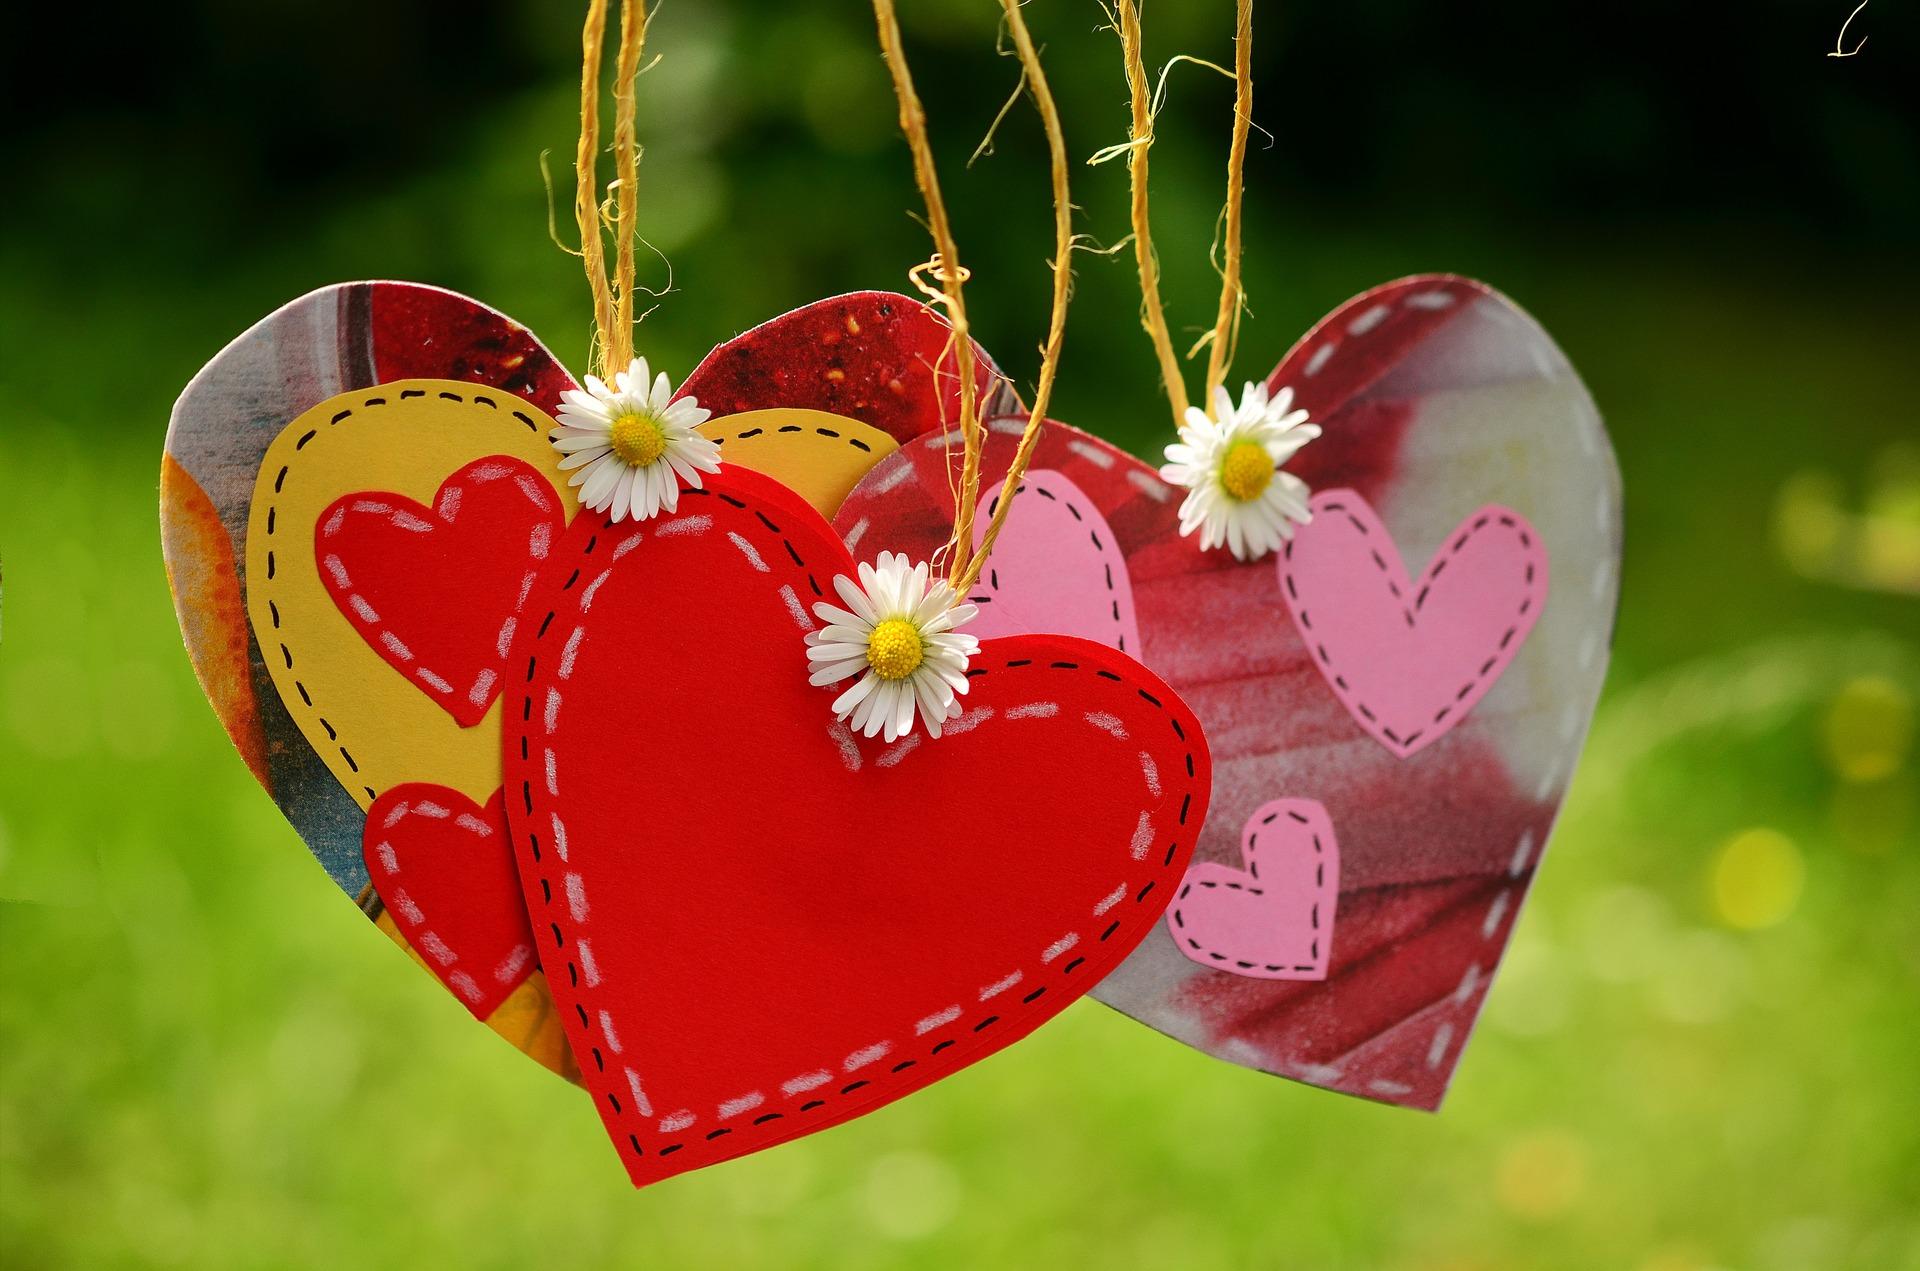 szeretetre vágysz? Nőkör